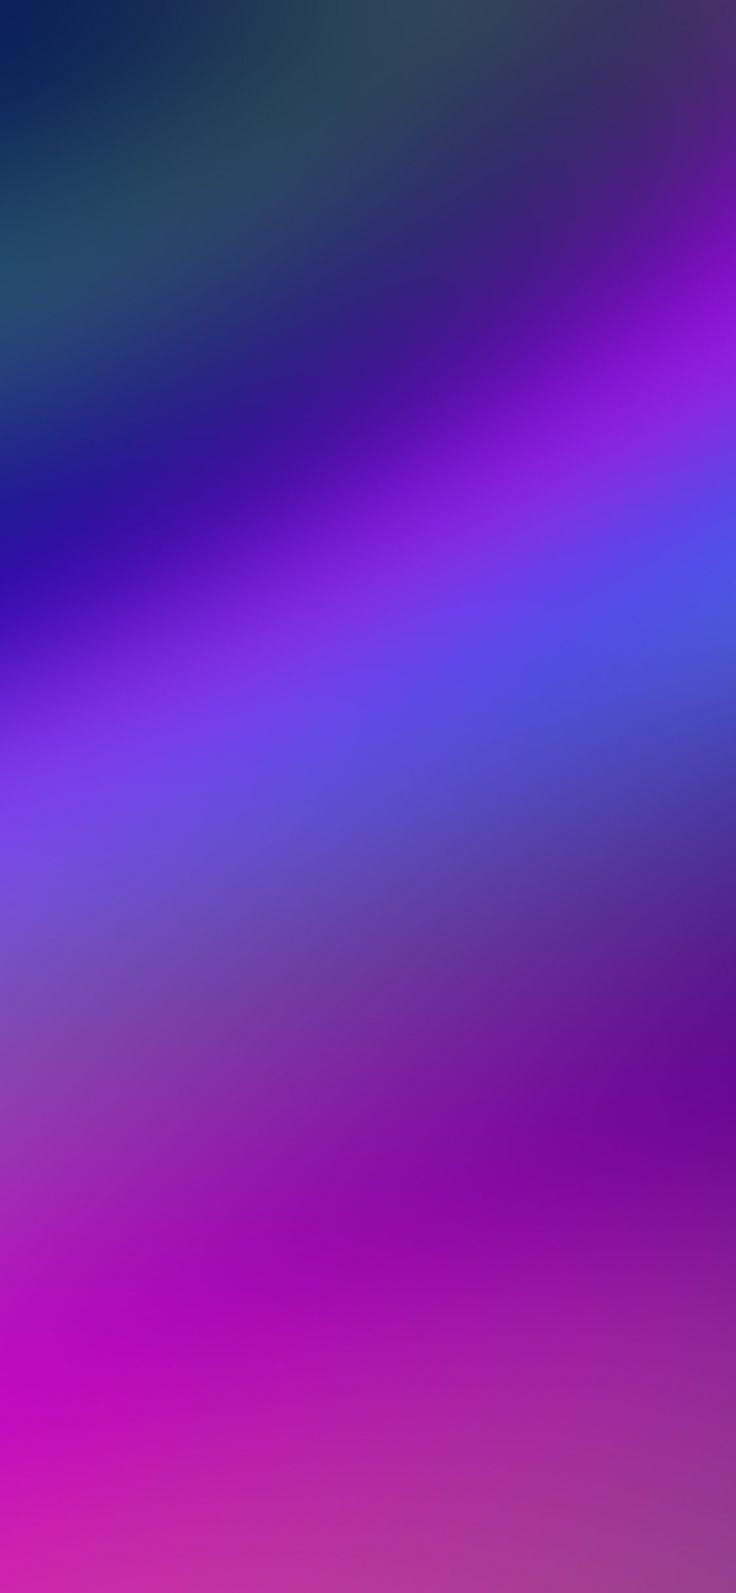 Градиент обои на телефон фиолетовый